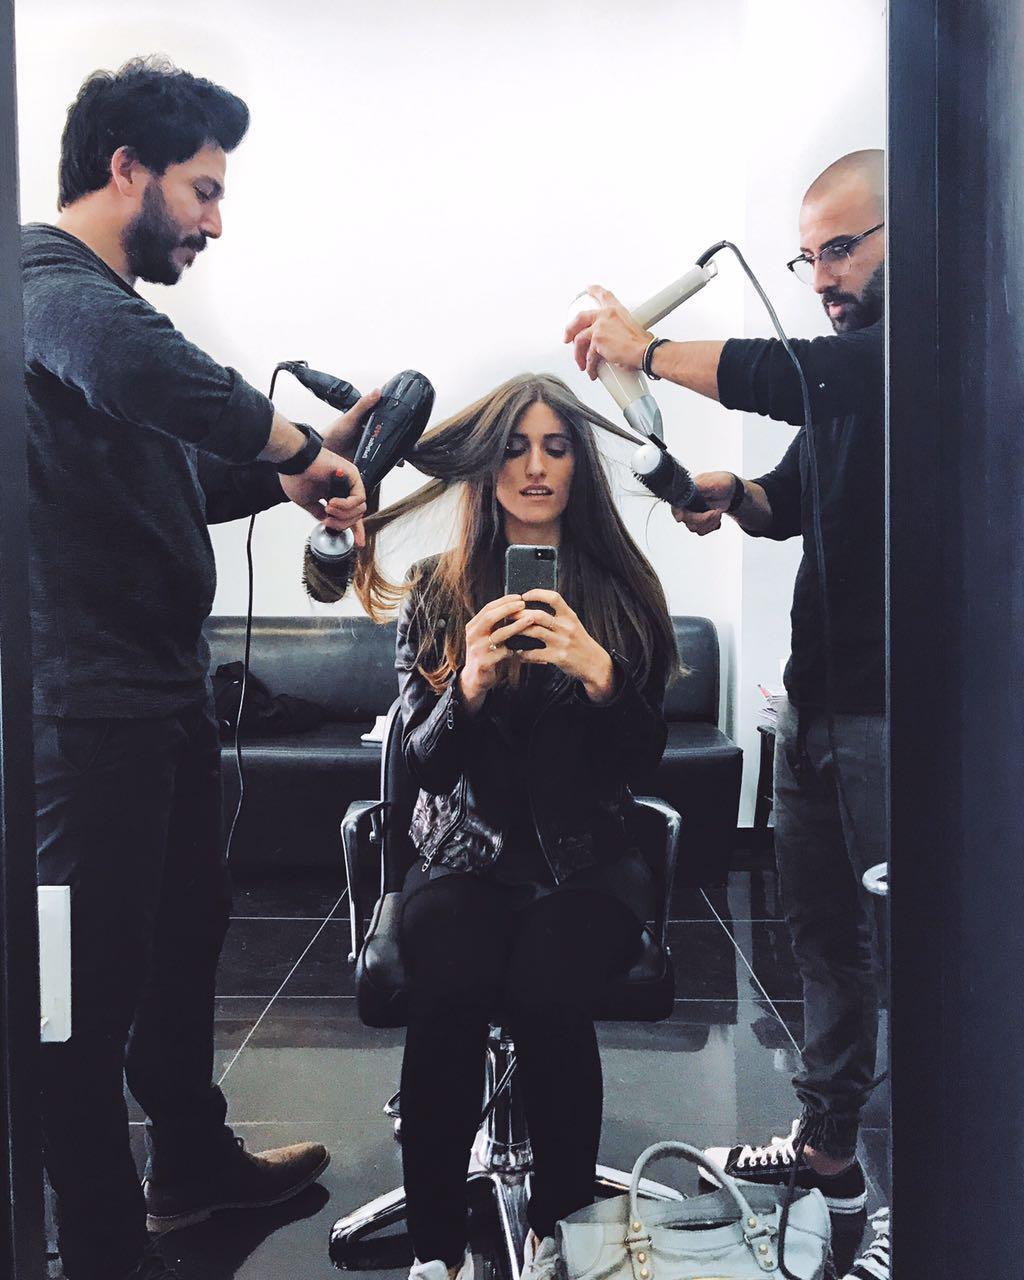 דנה זרמון כוכבת ה It Girls התפנקה במספרת AY Hair design